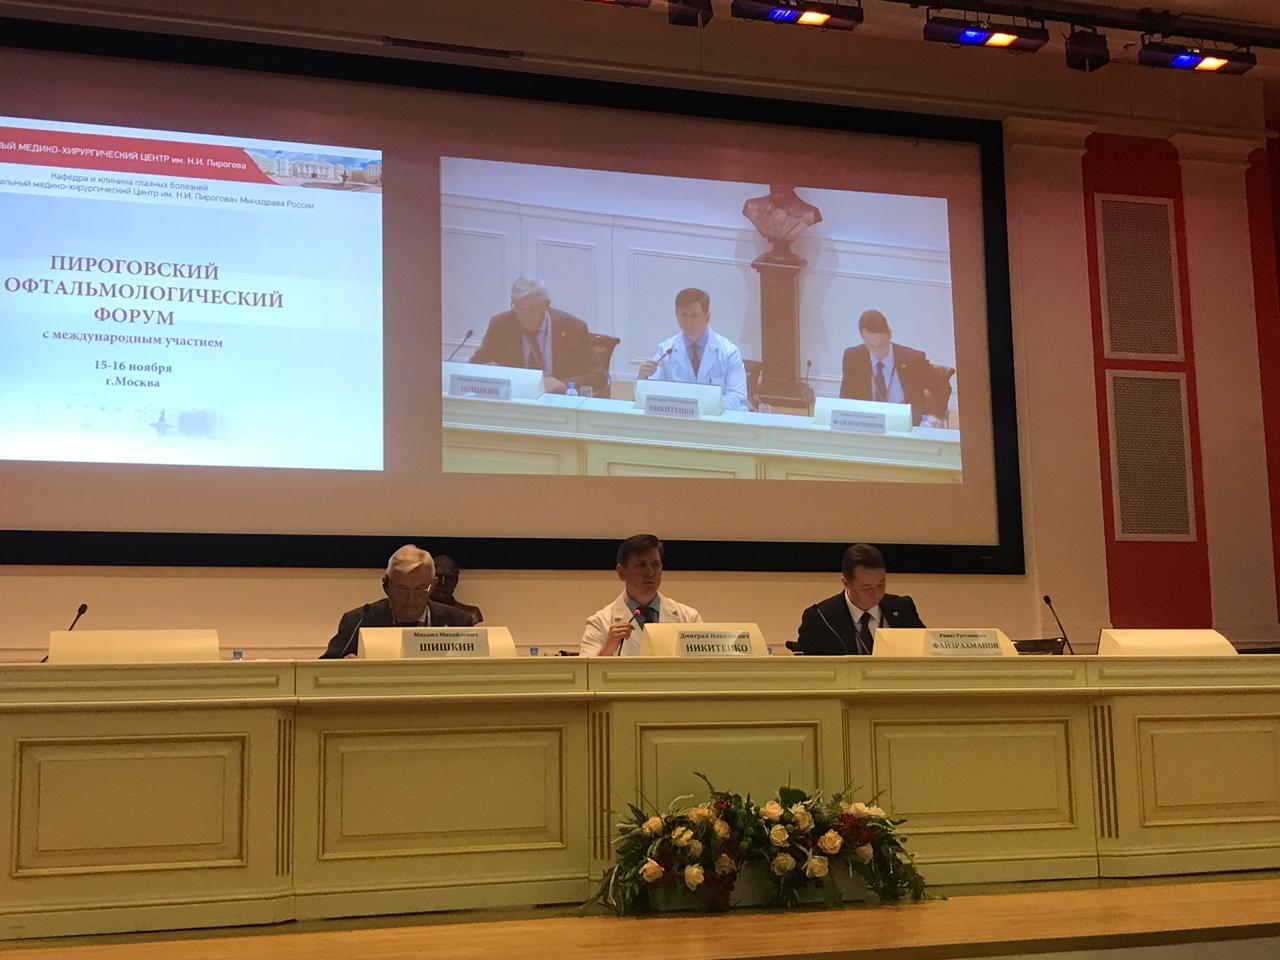 Международная научно-практическая конференция «Пироговский офтальмологический форум»